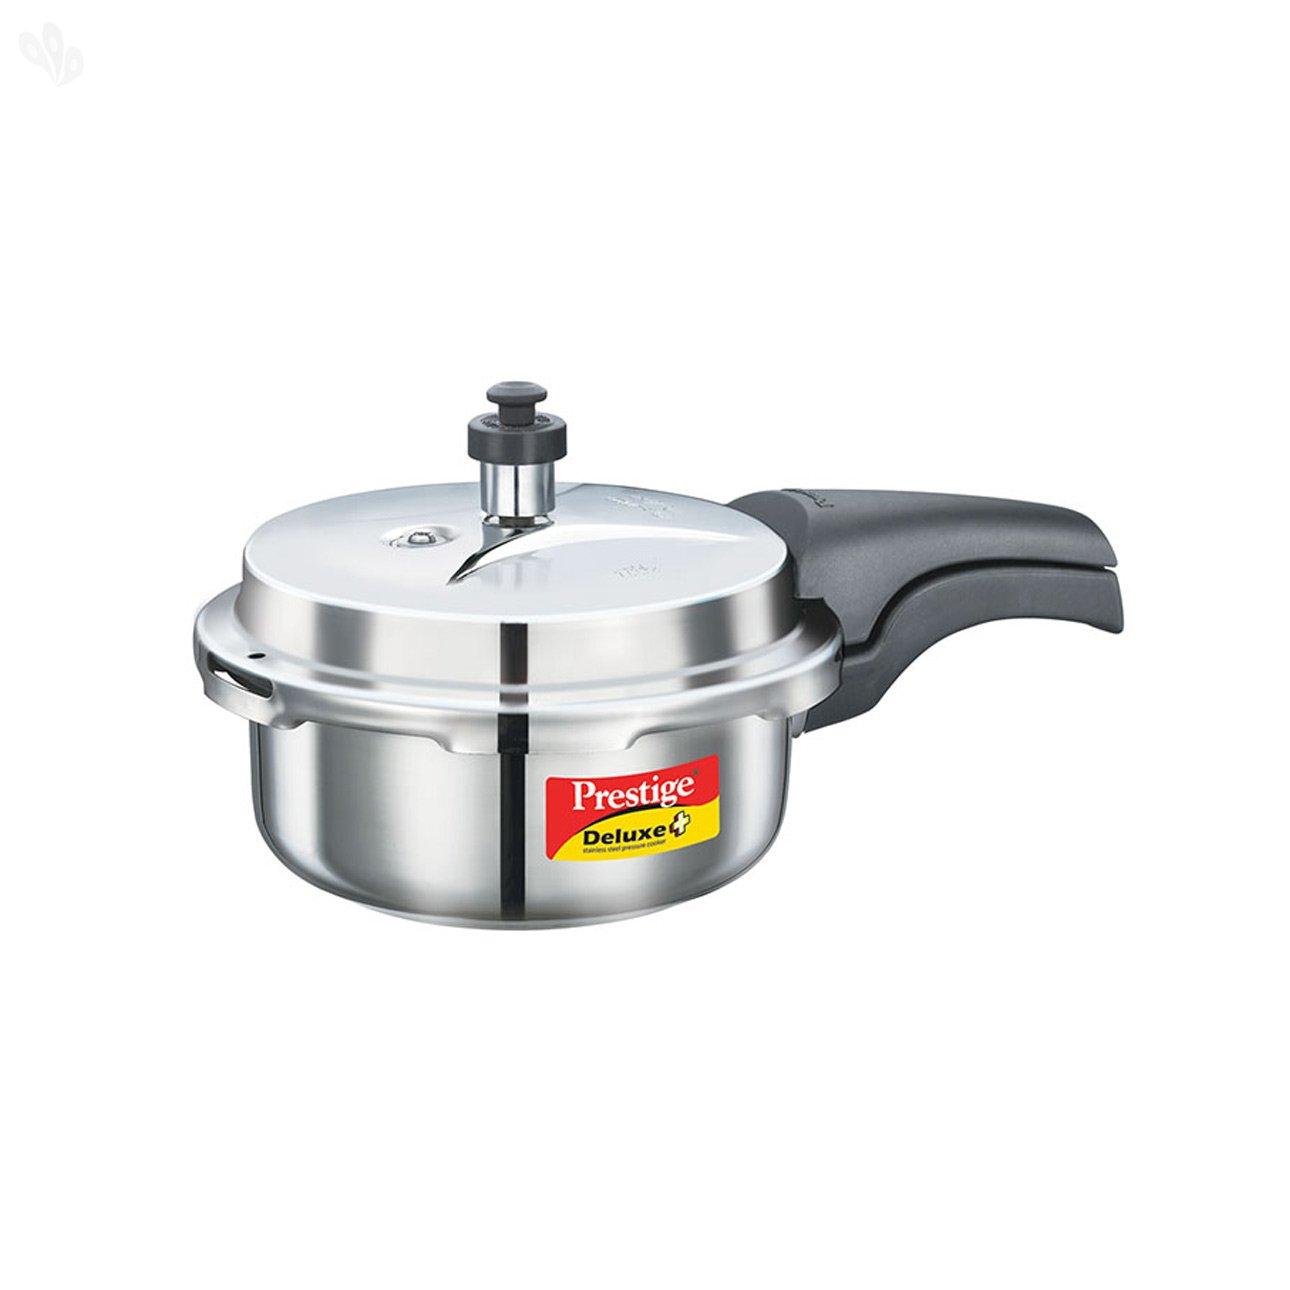 Prestige cooker 1 litre